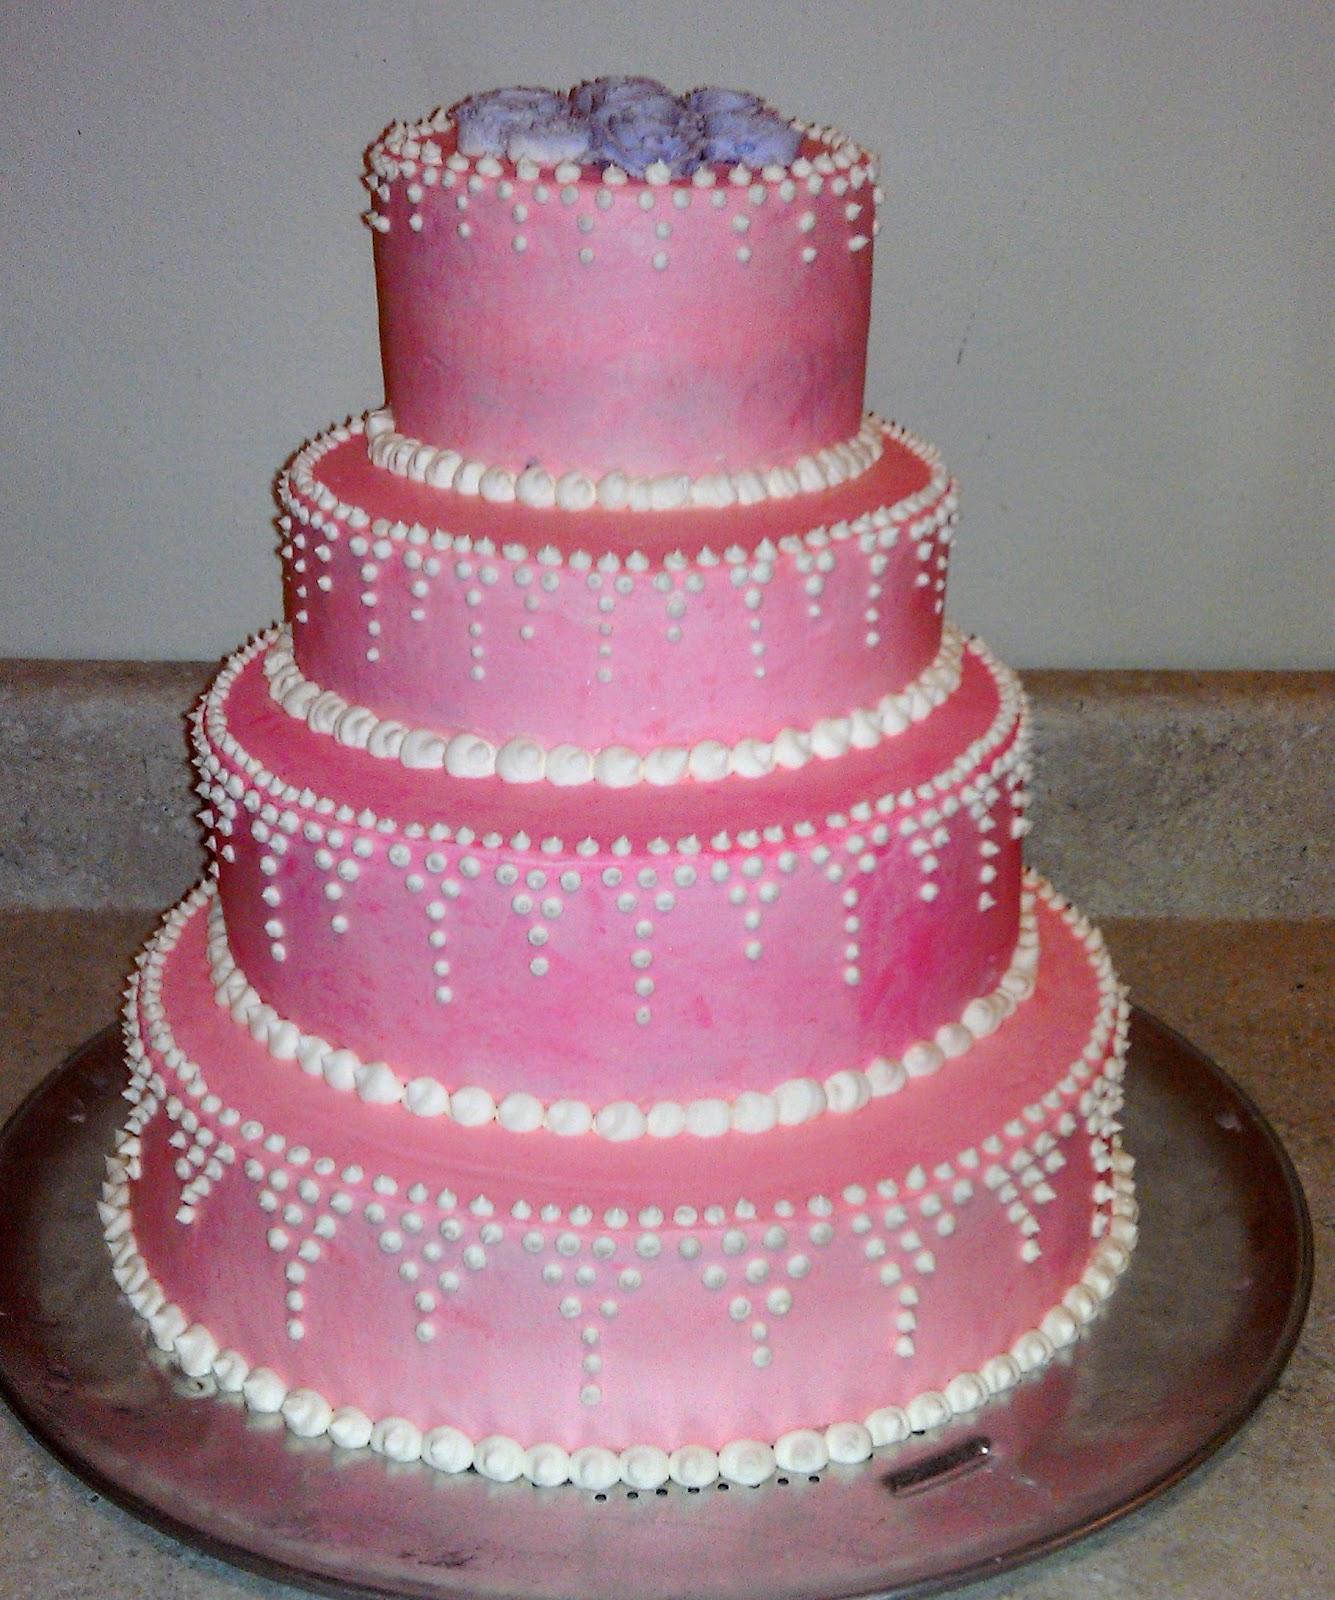 Layered Birthday Cakes